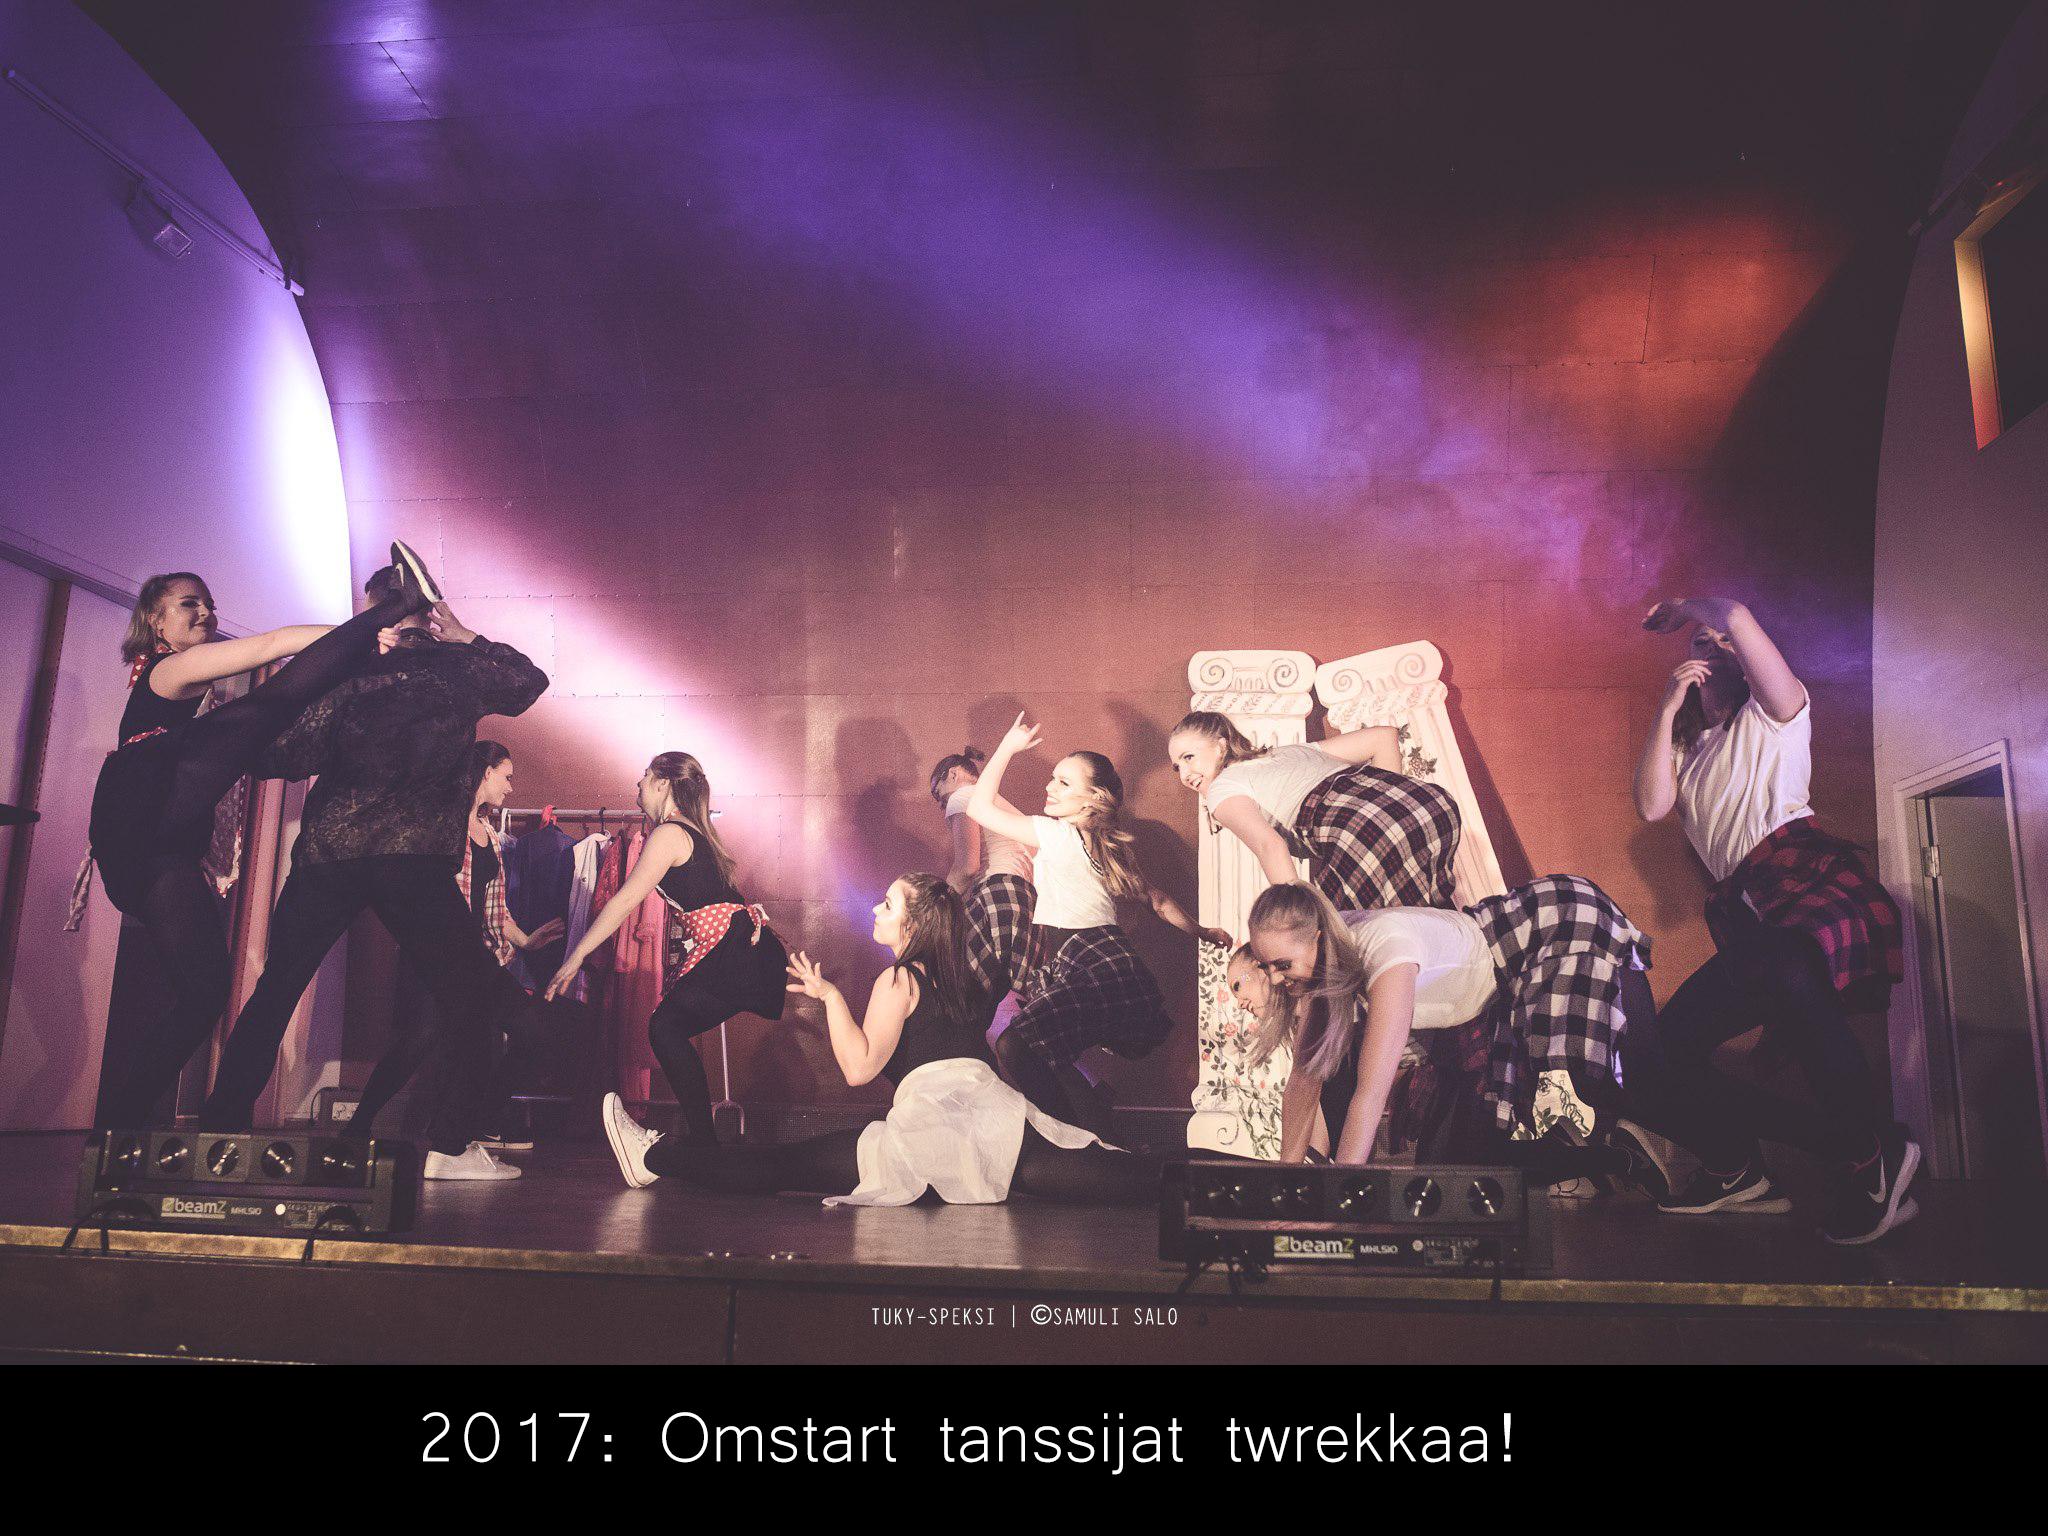 keinoja kaihtamatta_omstart tansijat twerkkaa_netti